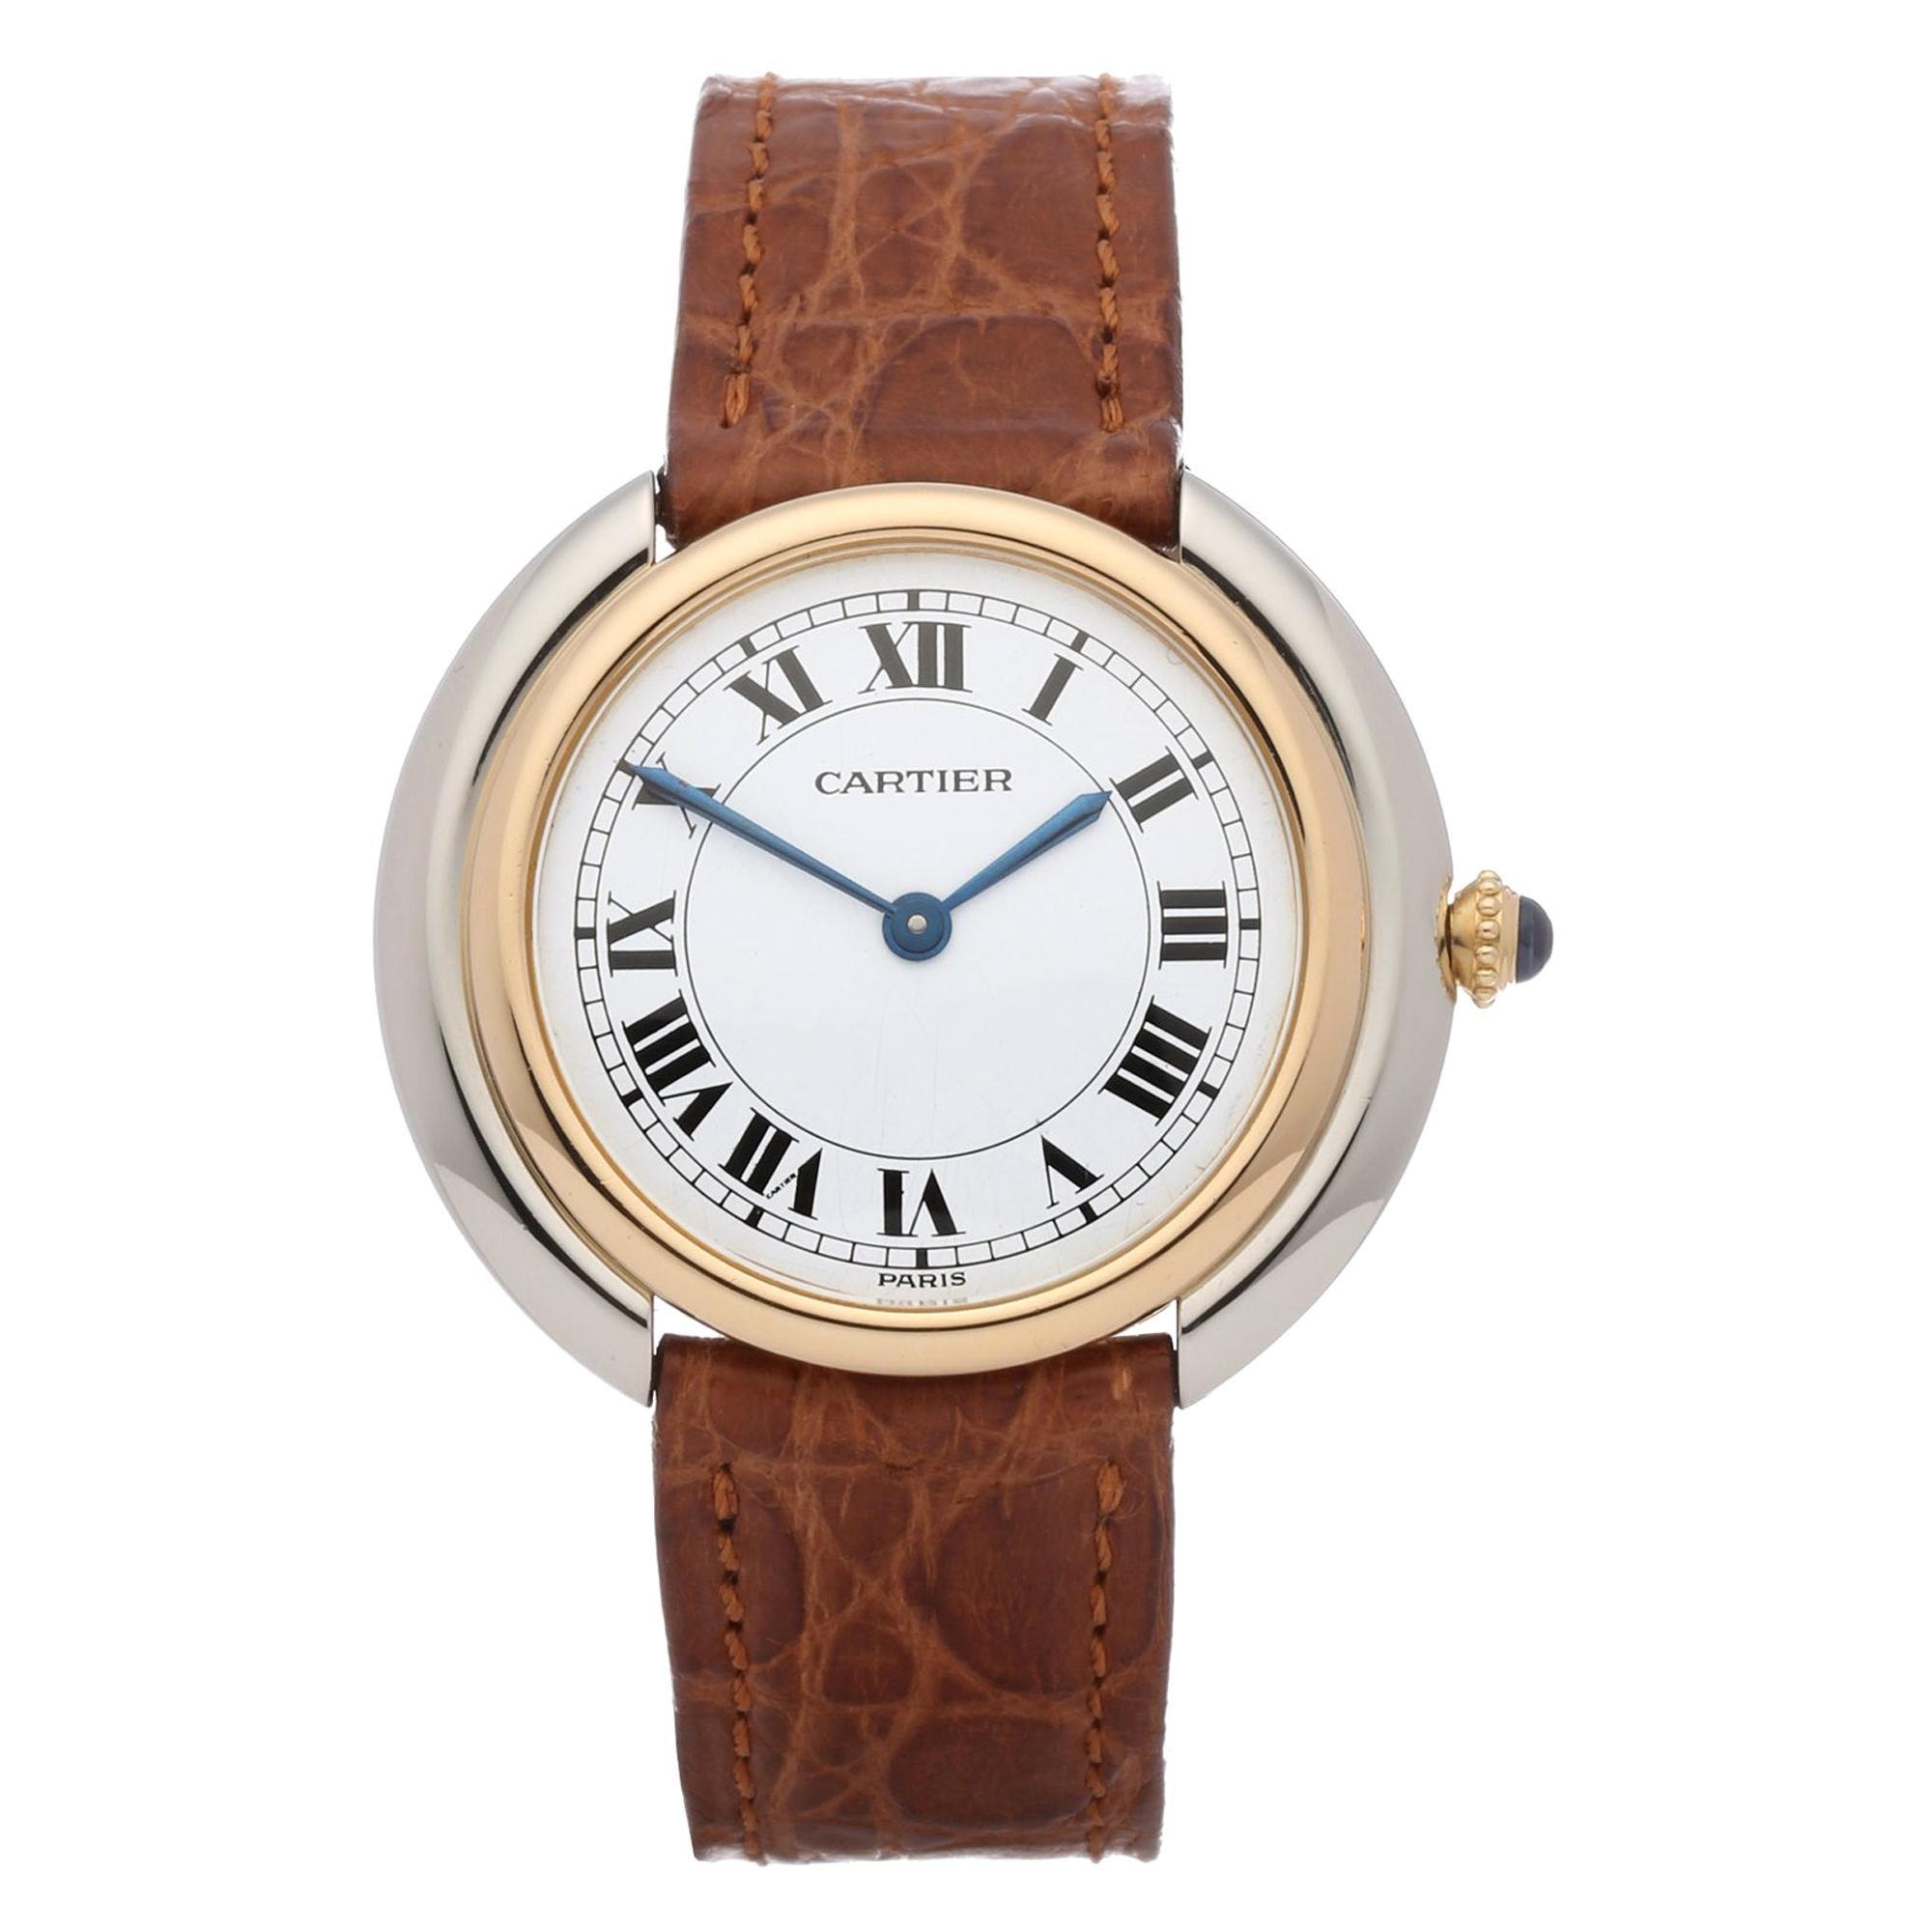 Cartier Vendome Paris 81721200 Ladies Yellow Gold Watch